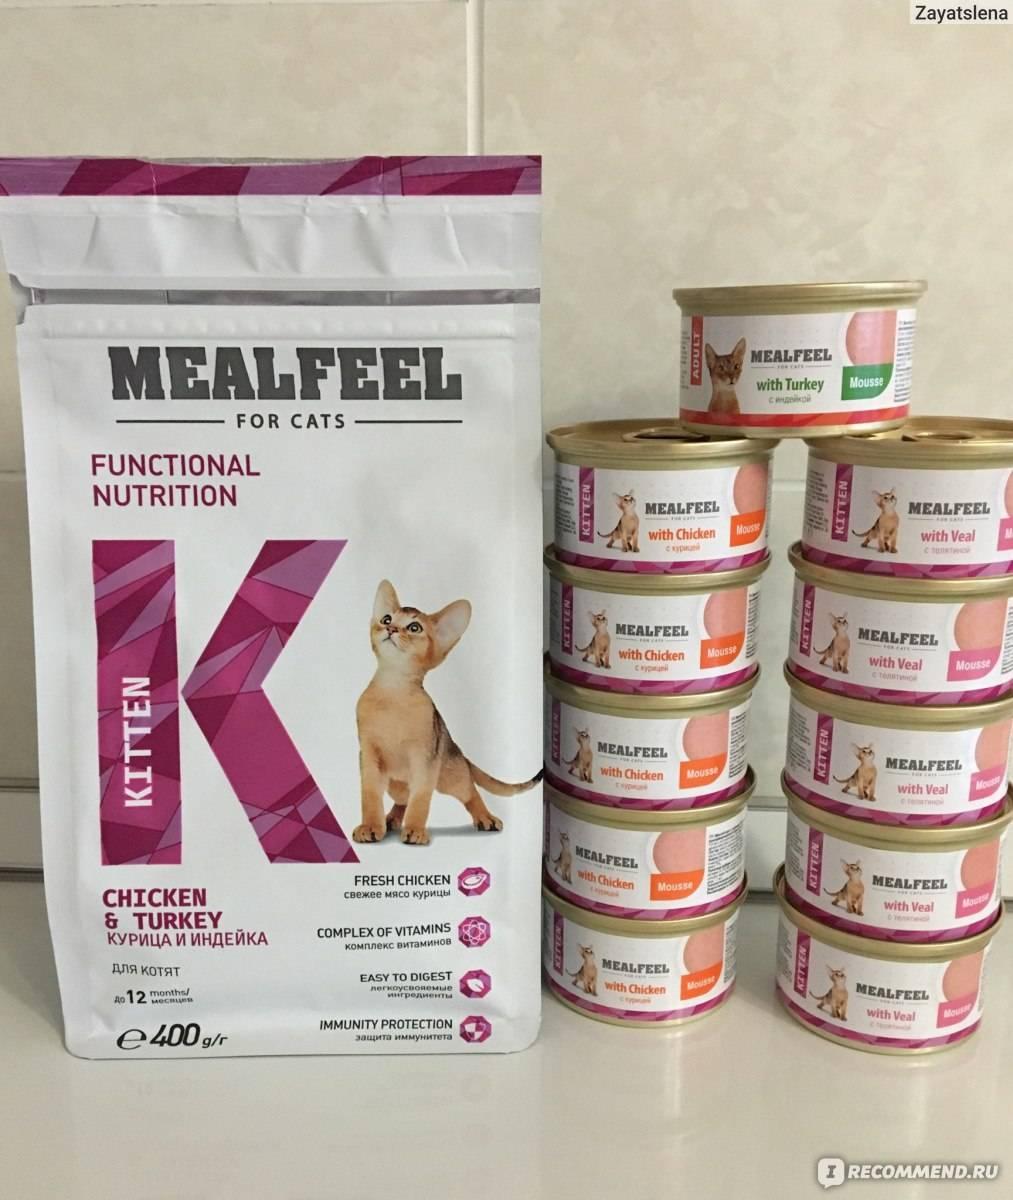 Корм милфил (mealfeel) для кошек — полный обзор, отзывы